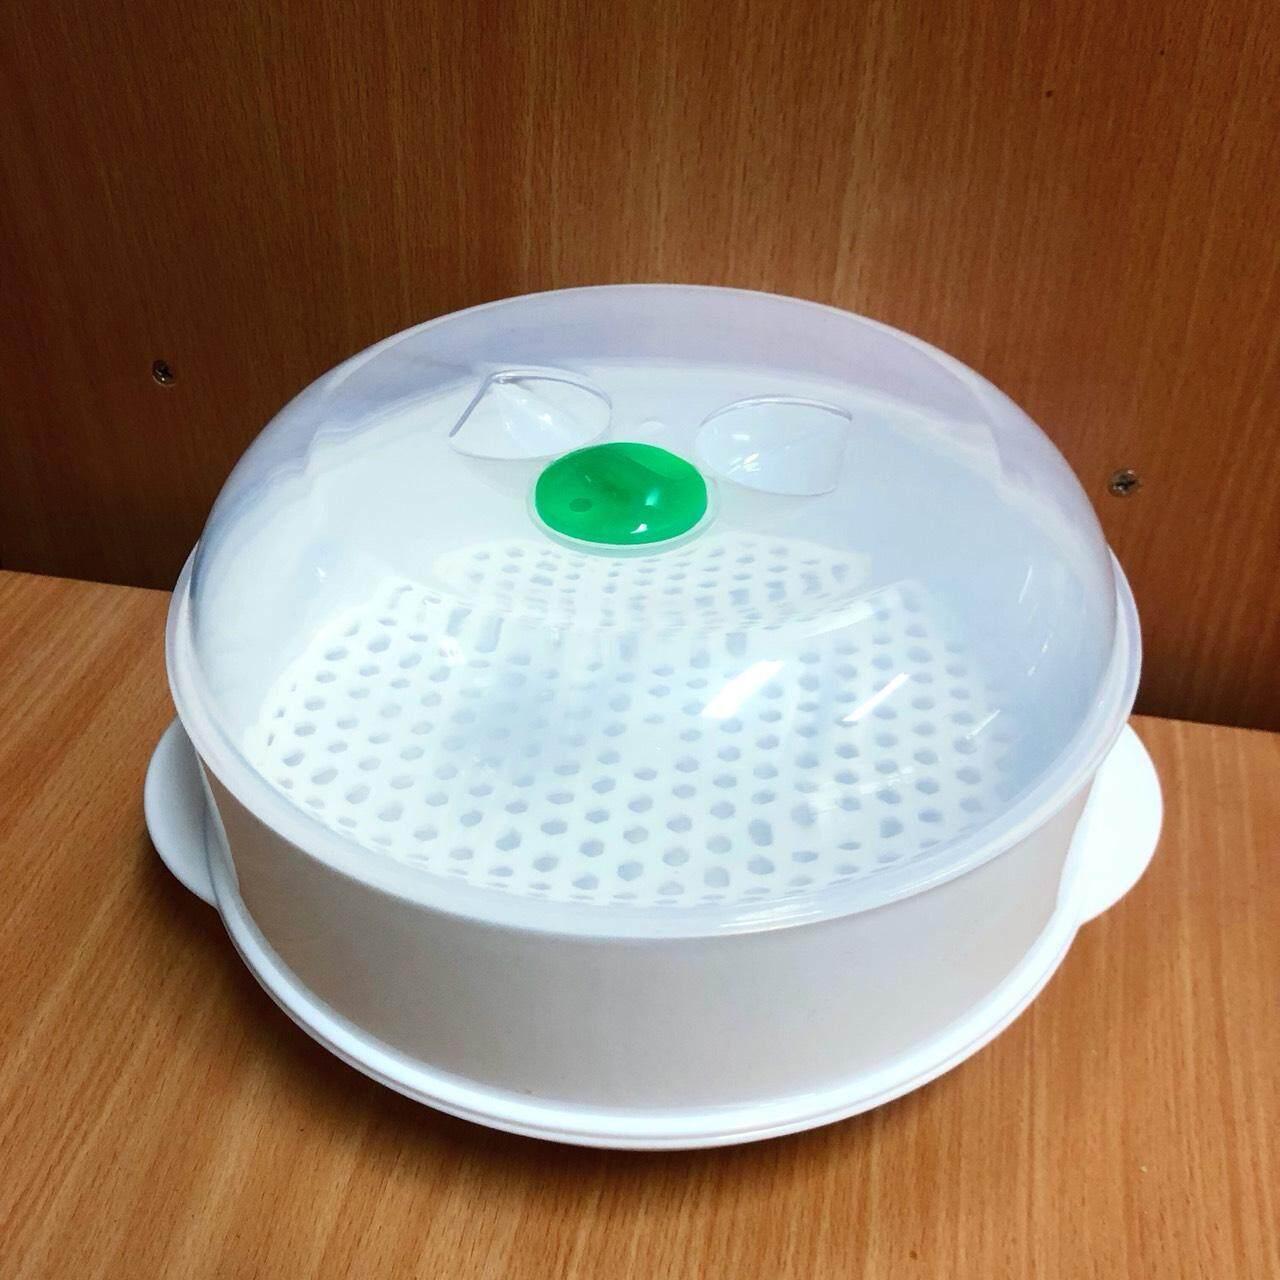 กล่องนึ่ง อุ่น อาหารในไมโครเวฟ ภาชนะสำหรับนึ่ง อบอาหารในไมโครเวฟ.